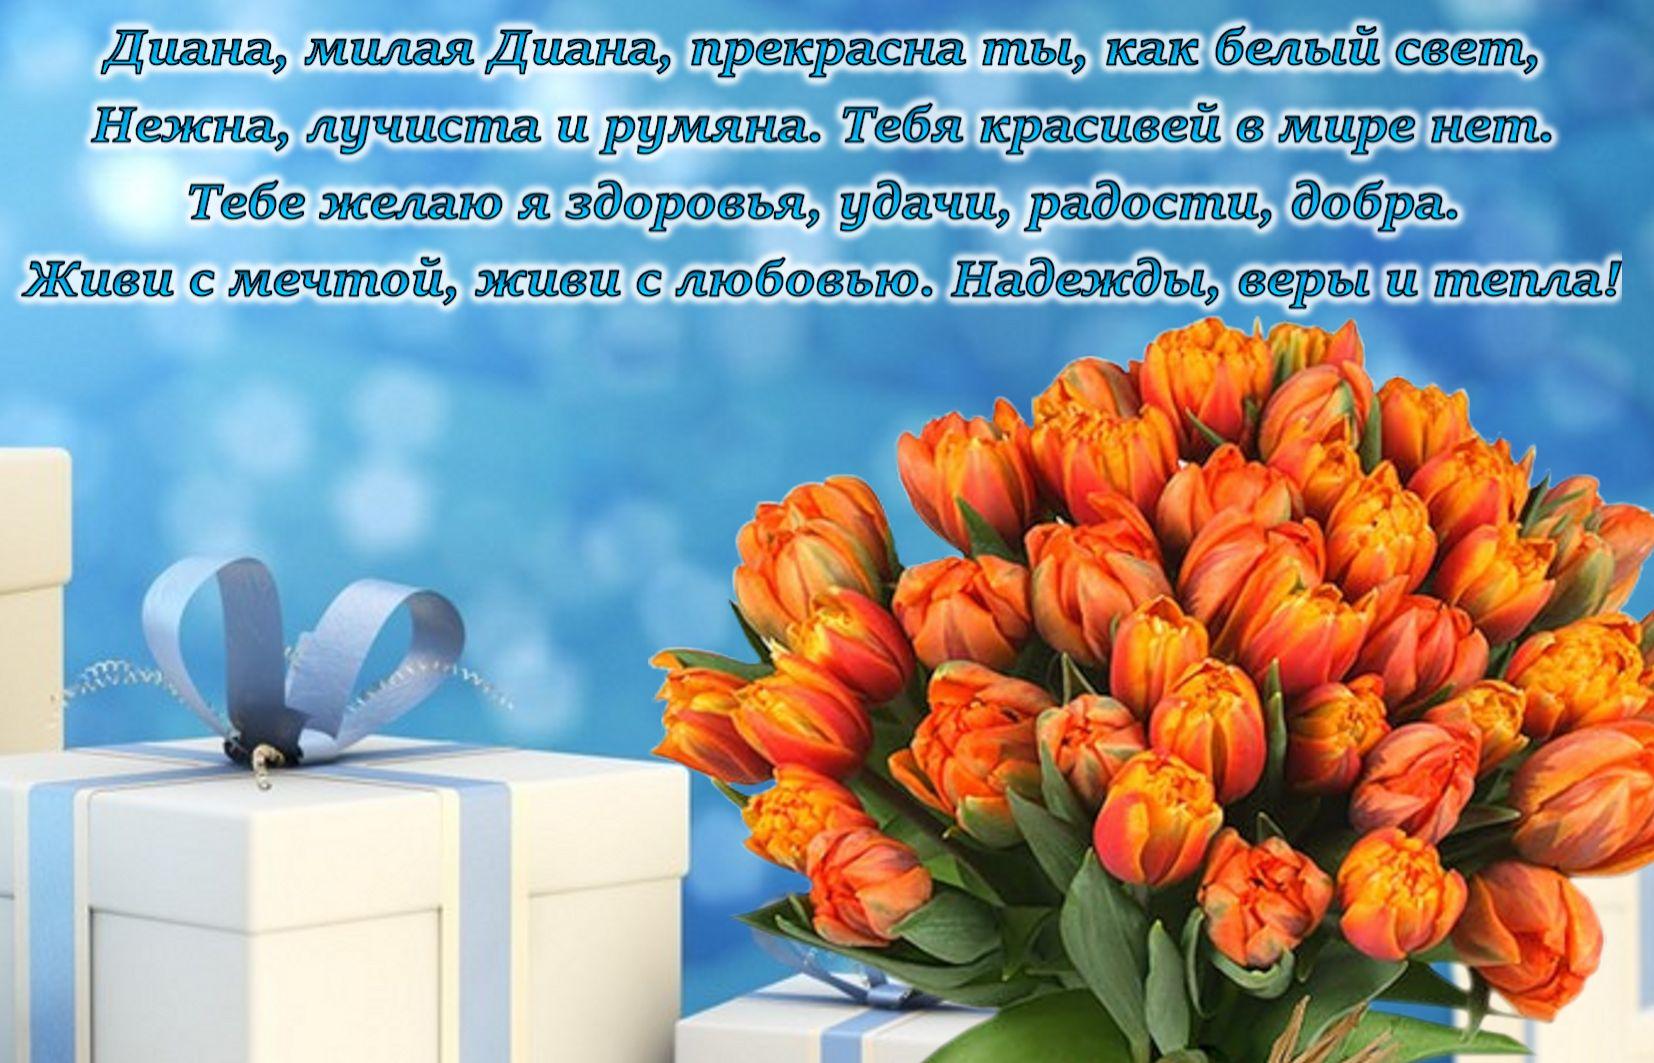 Букет роз и пожелание в стихах для Дианы